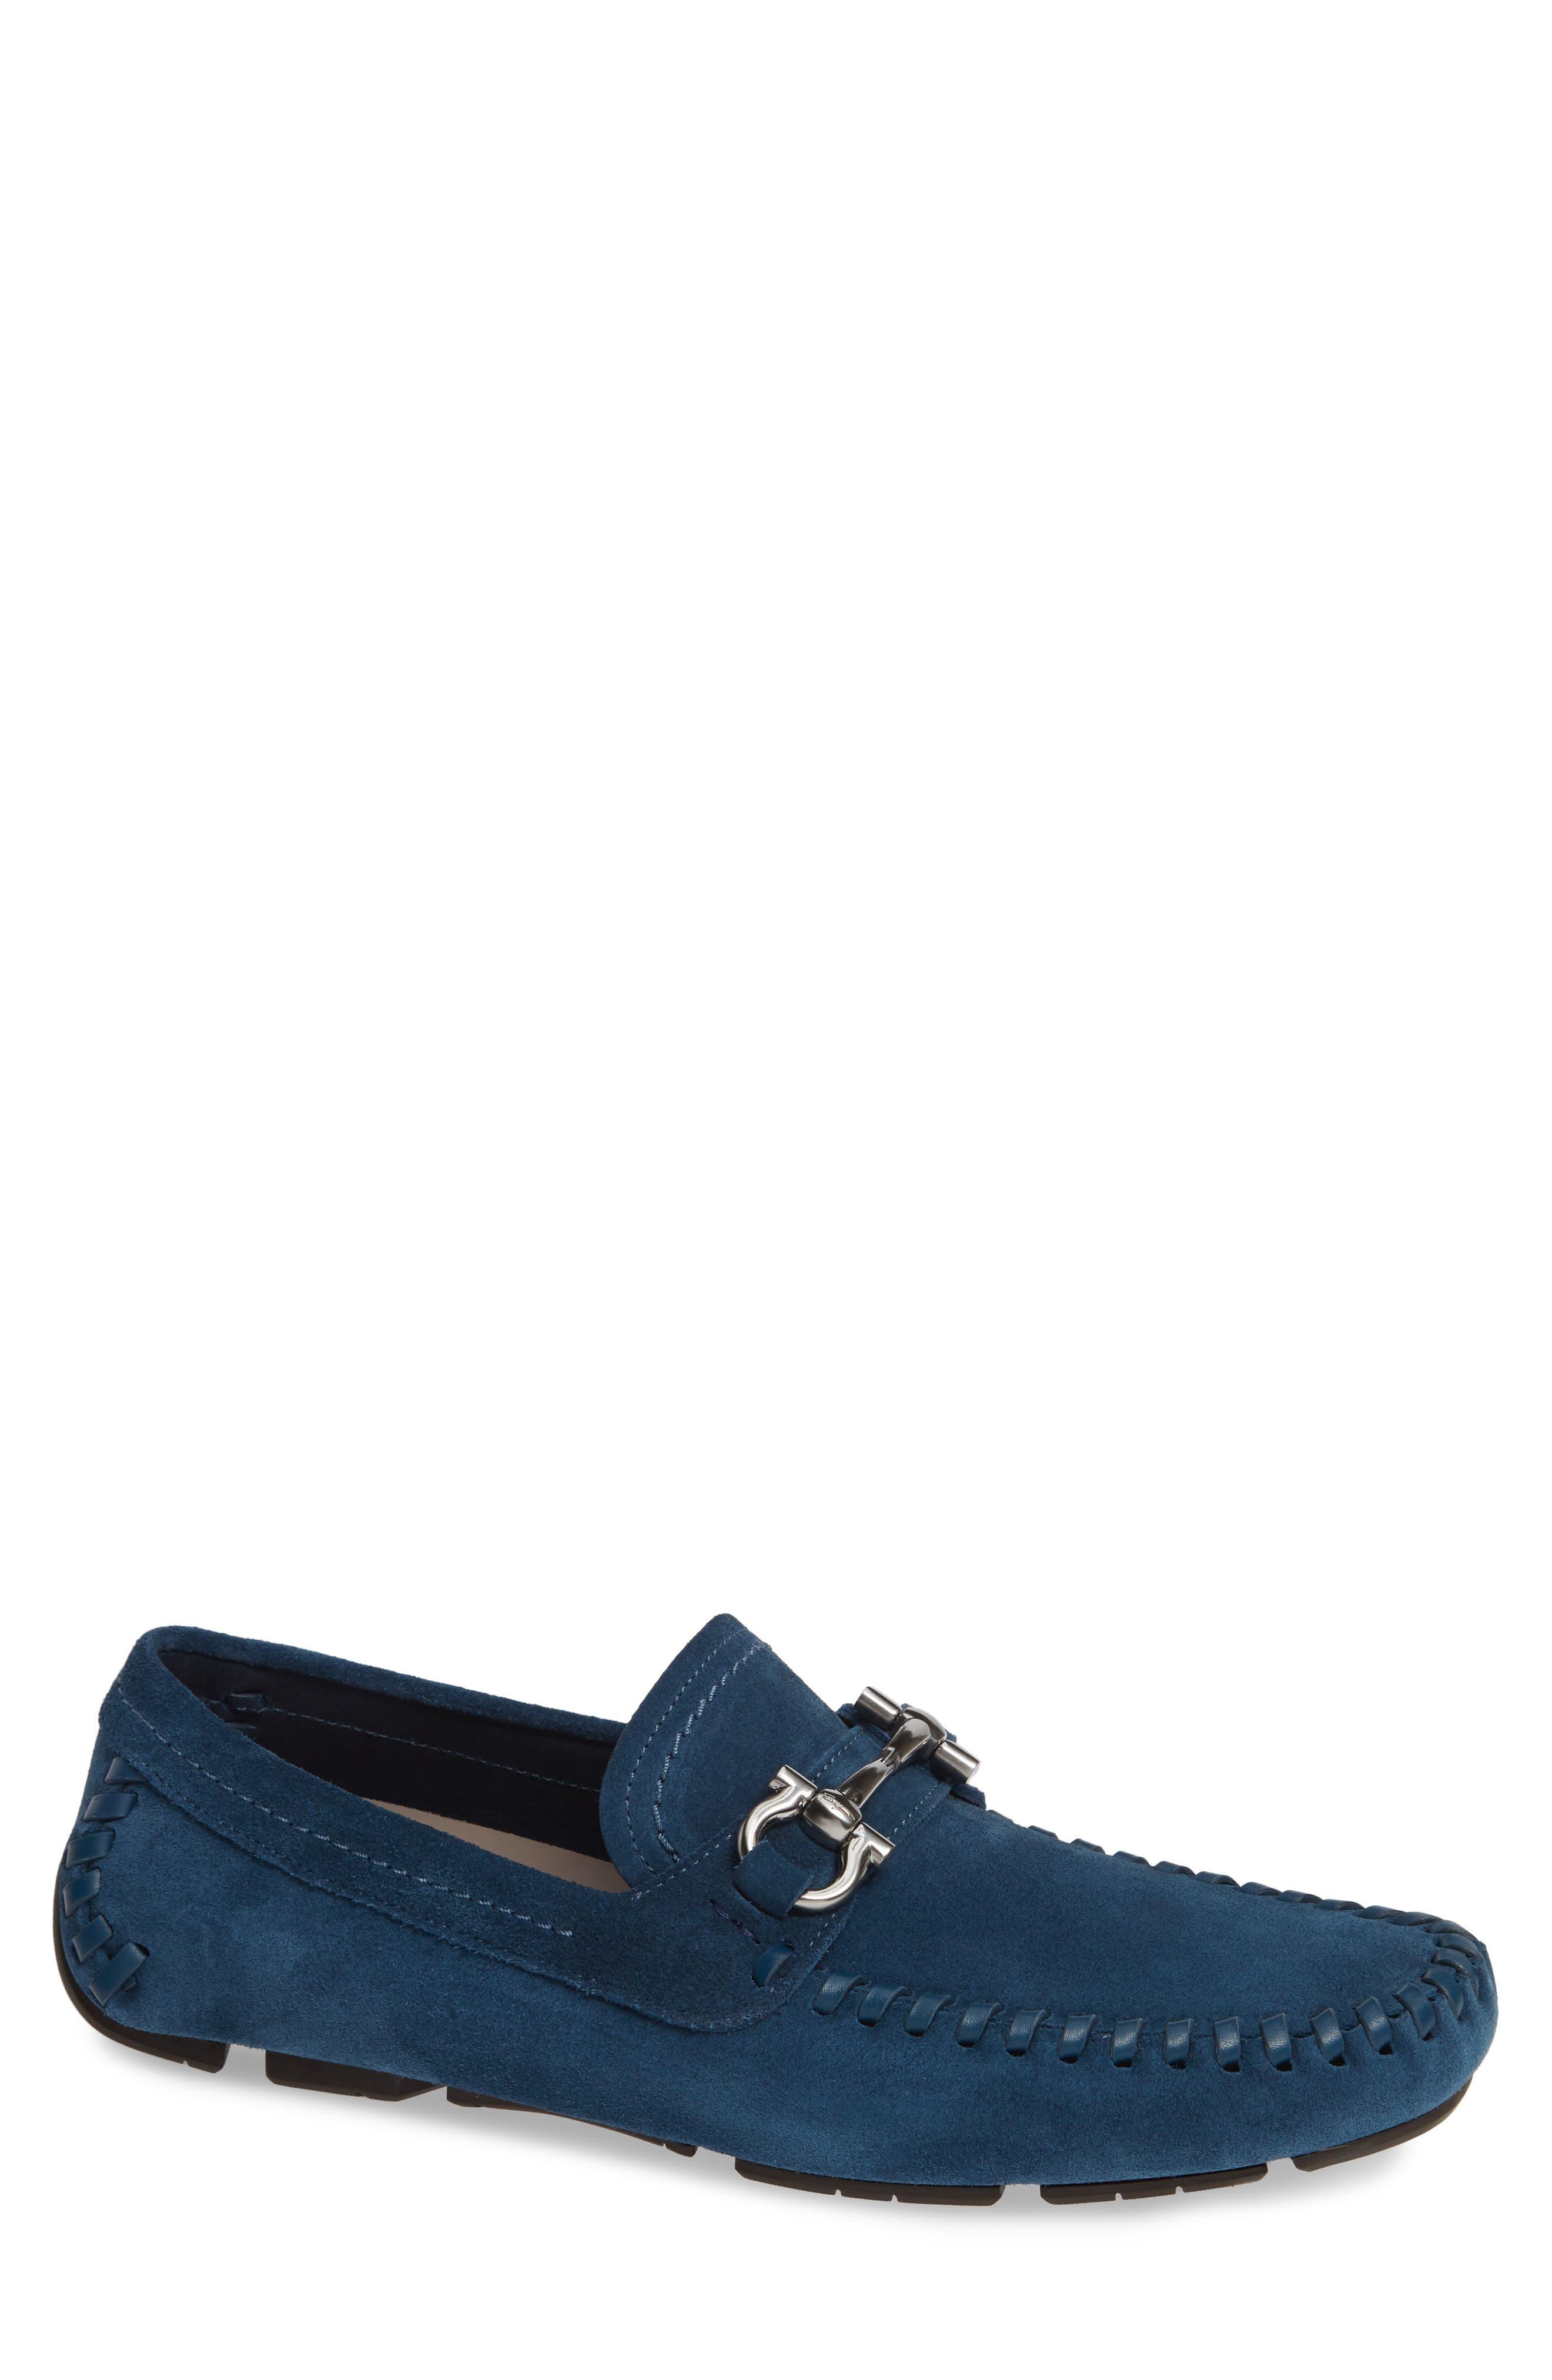 949ebcd7274 Men s Shoes